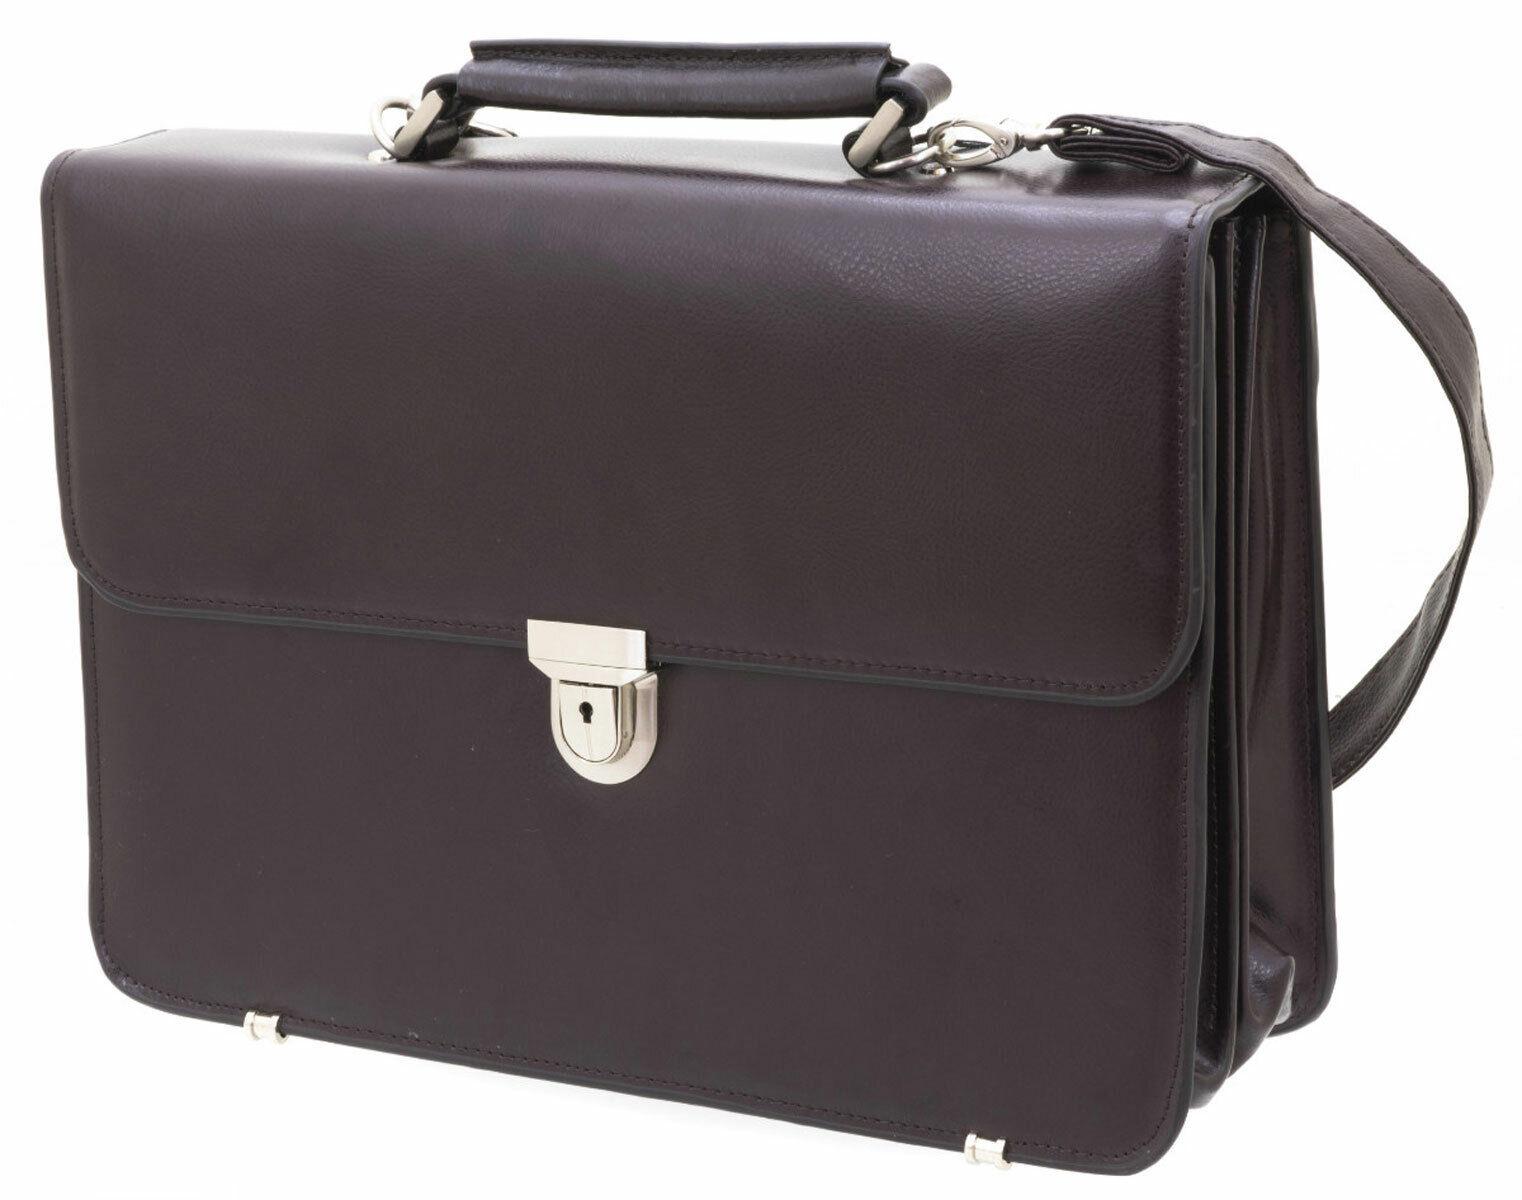 Akten Arbeits Umhänge Tasche Leder 41 x30x16cm Dunkel Braun Davidts – Bowatex | Reparieren  | Fairer Preis  | Ästhetisches Aussehen